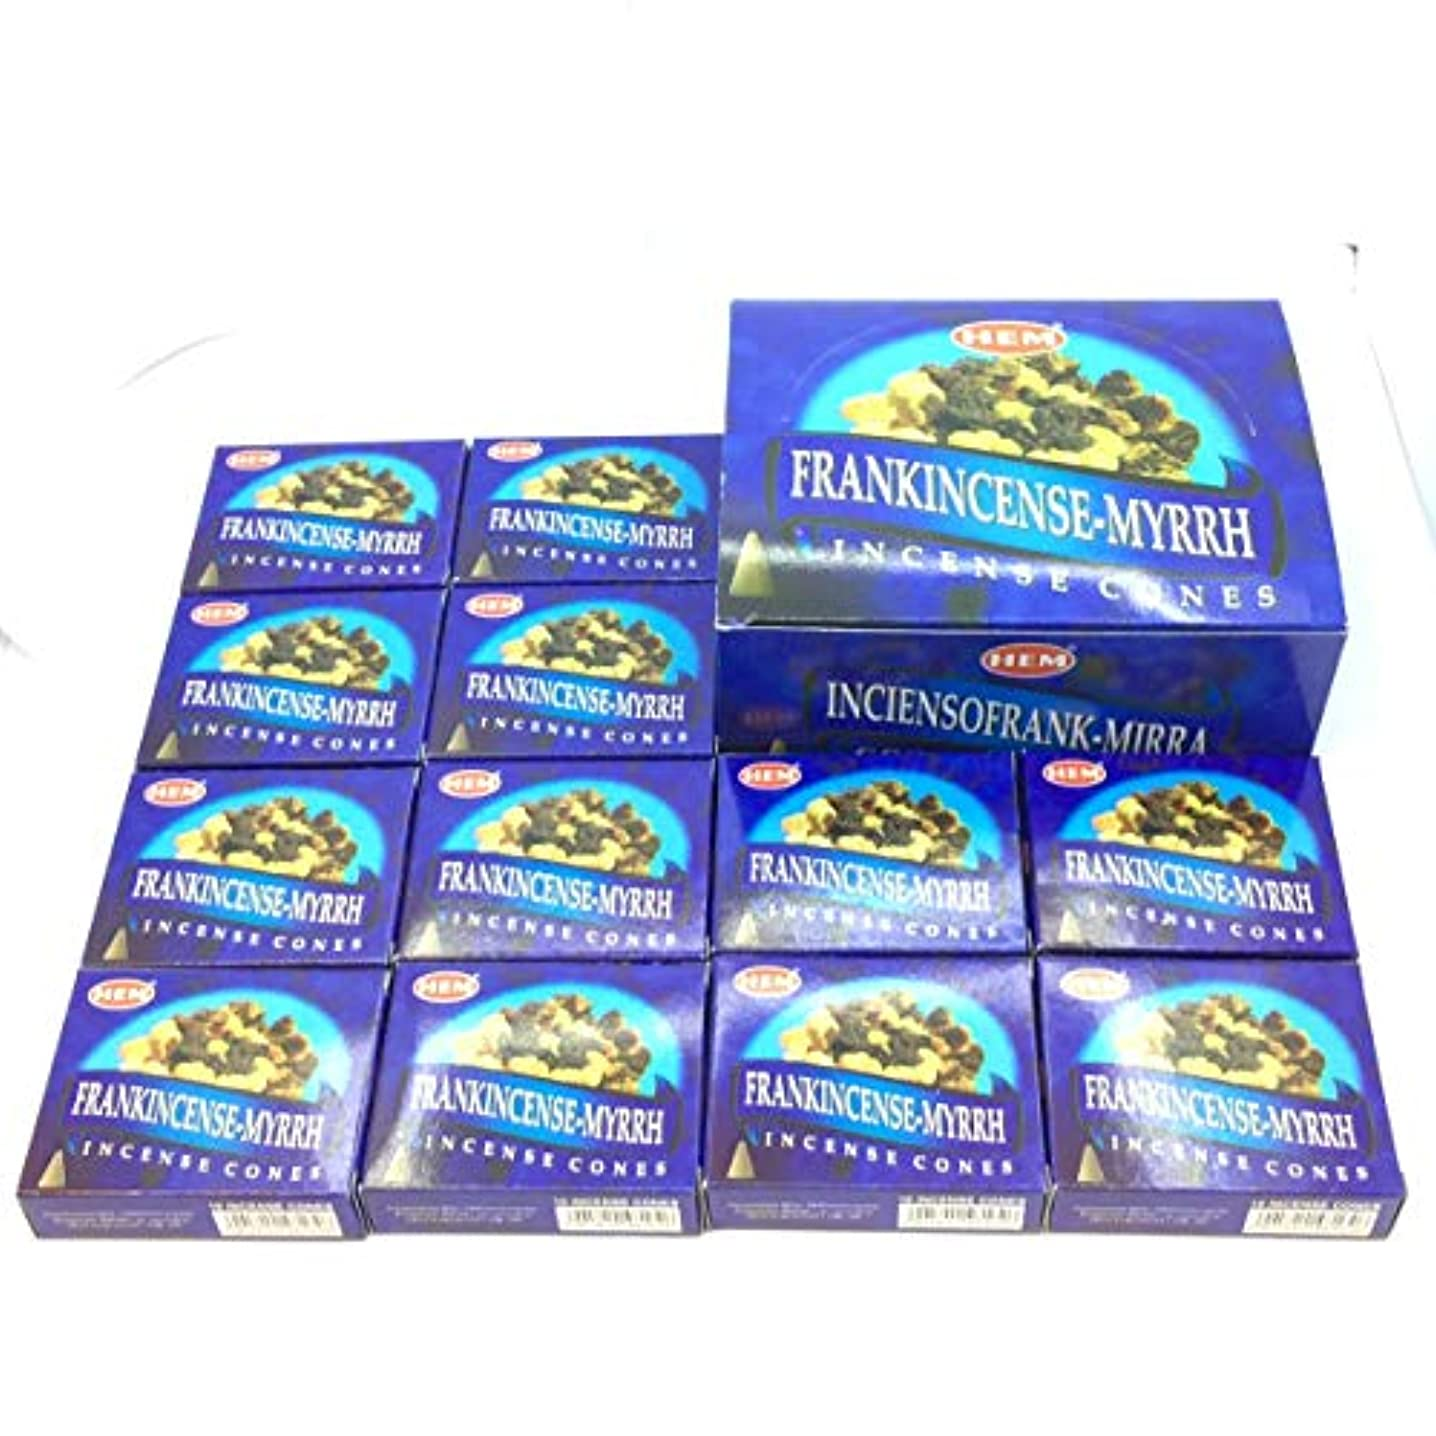 虫あたたかい驚いた浄化用 HEM (ヘム) コーンインセンス フランキンセンス & ミルラ 香 12ケース(1ケース10個入り)Frankincense & Myrrh